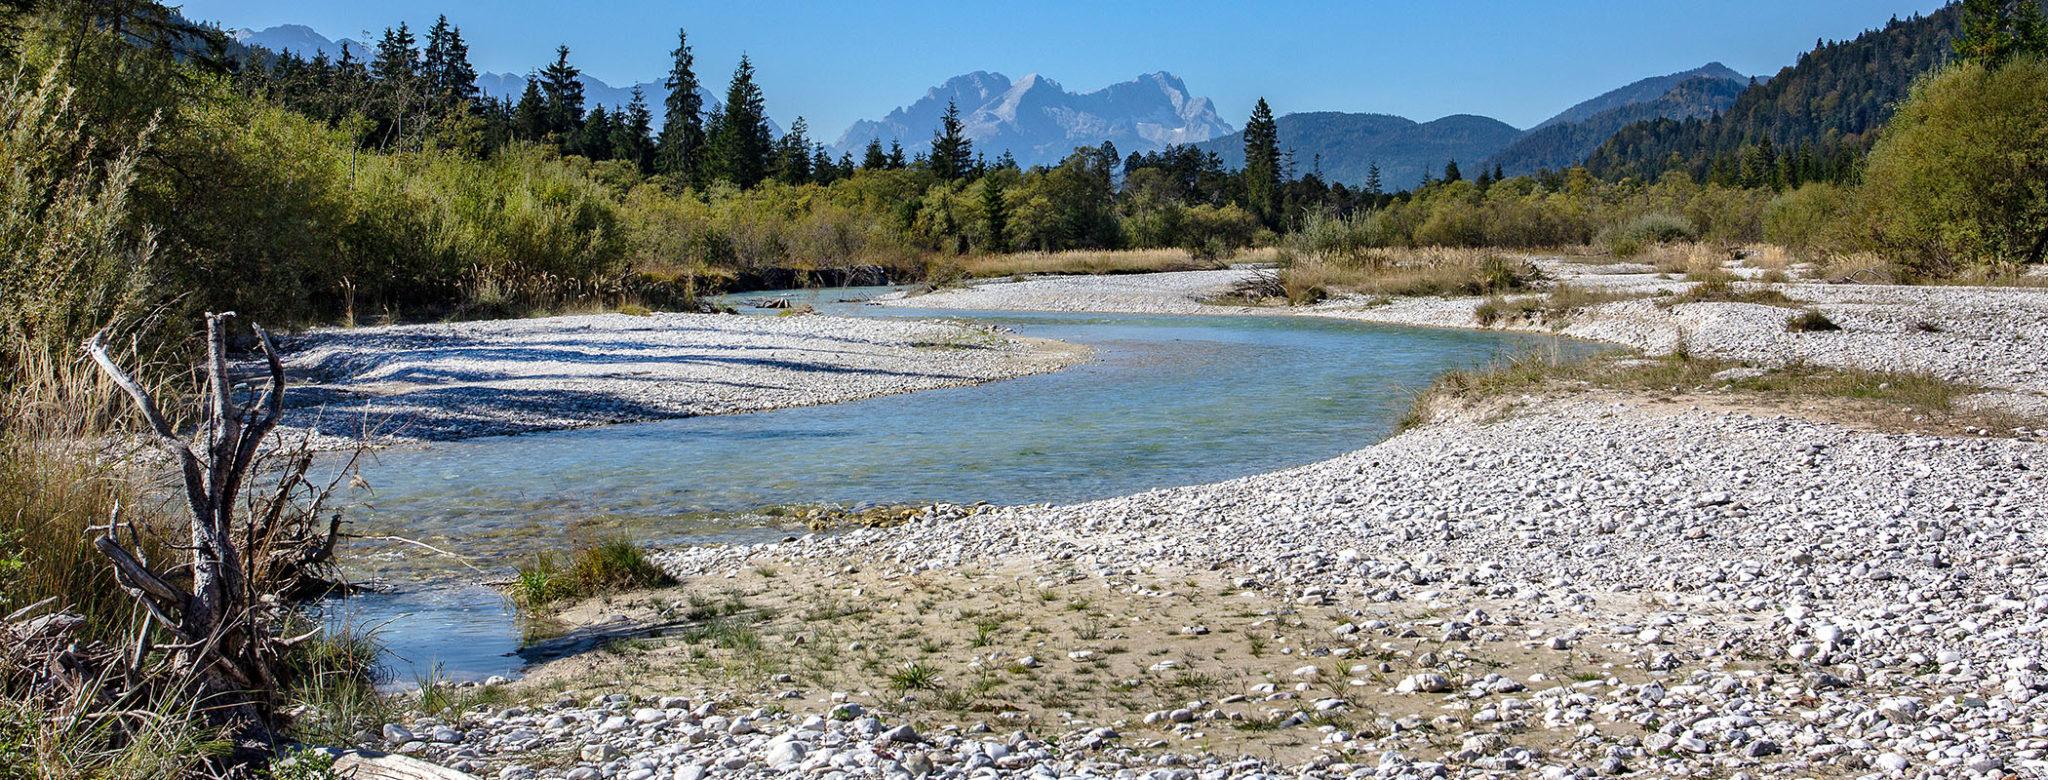 BAYERN: Isartal – Wilde Flusslandschaft im Karwendel